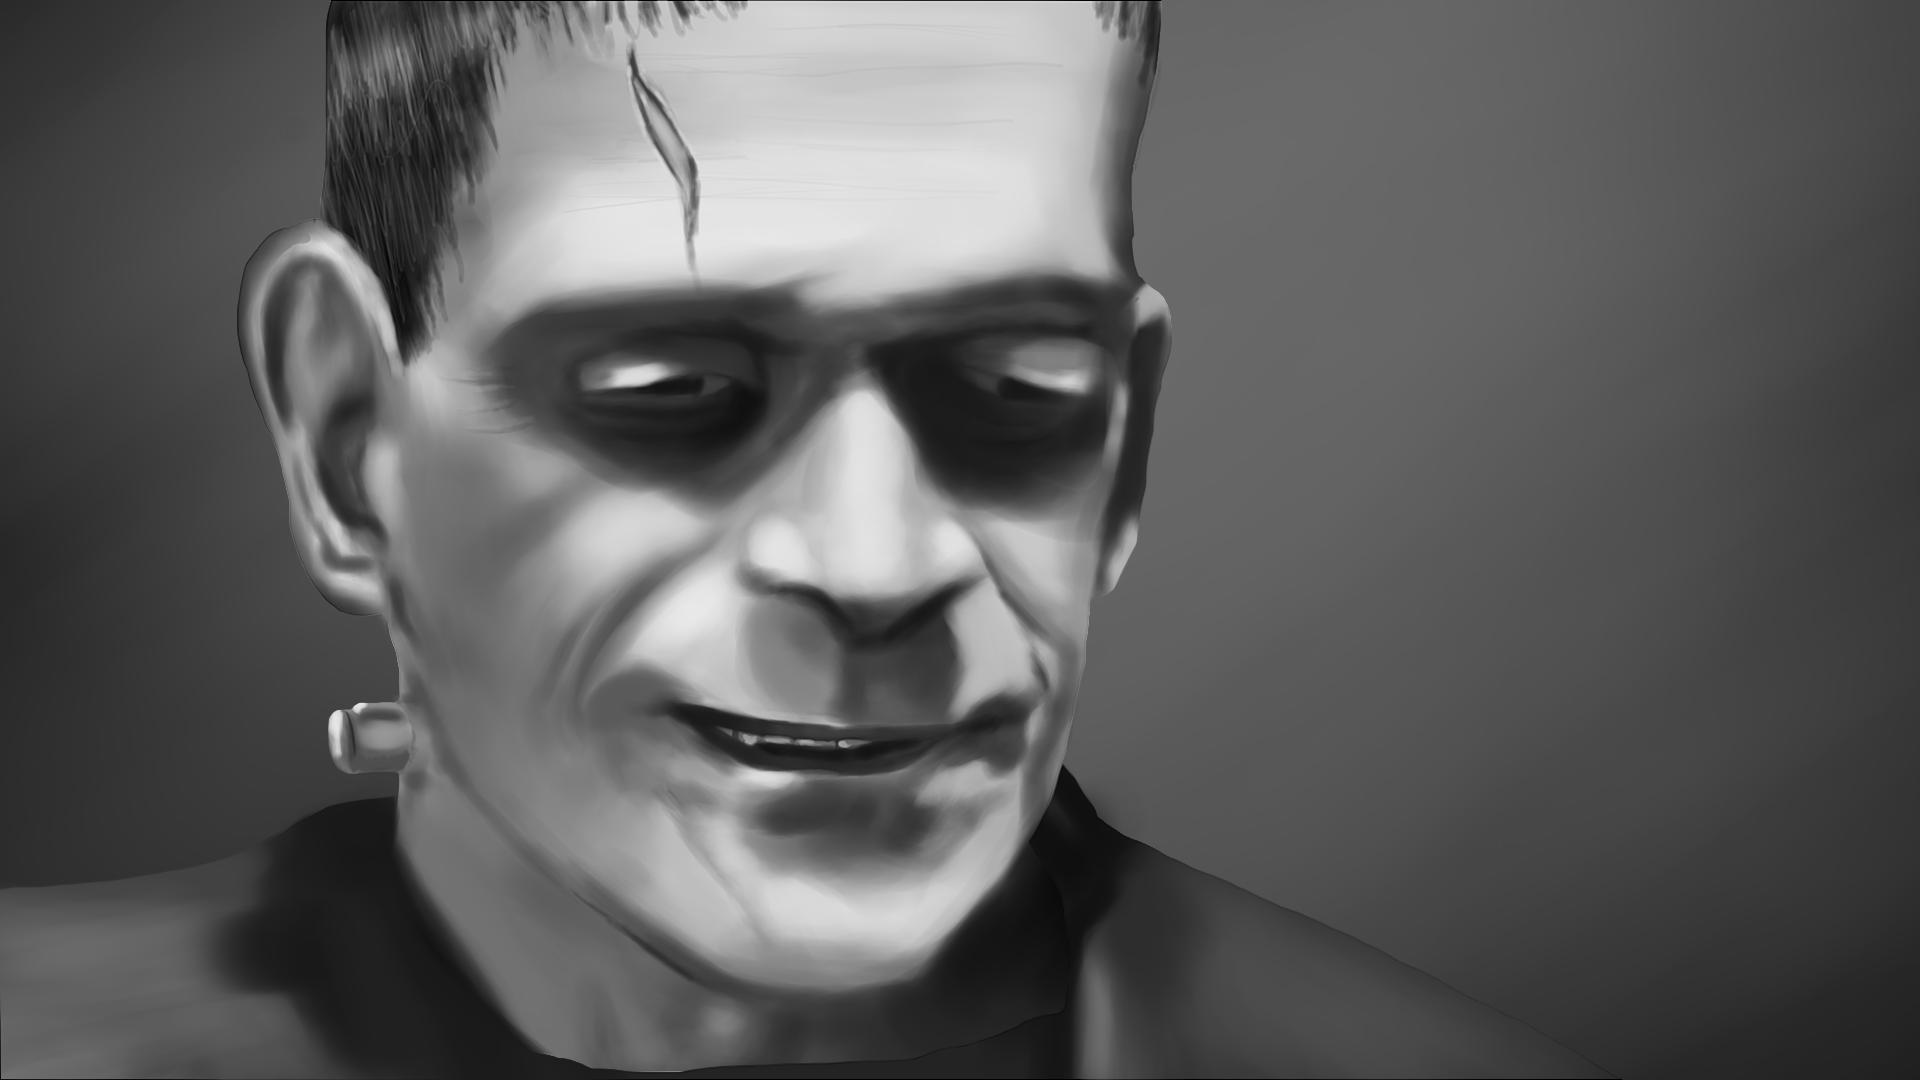 Frankensteins Smile